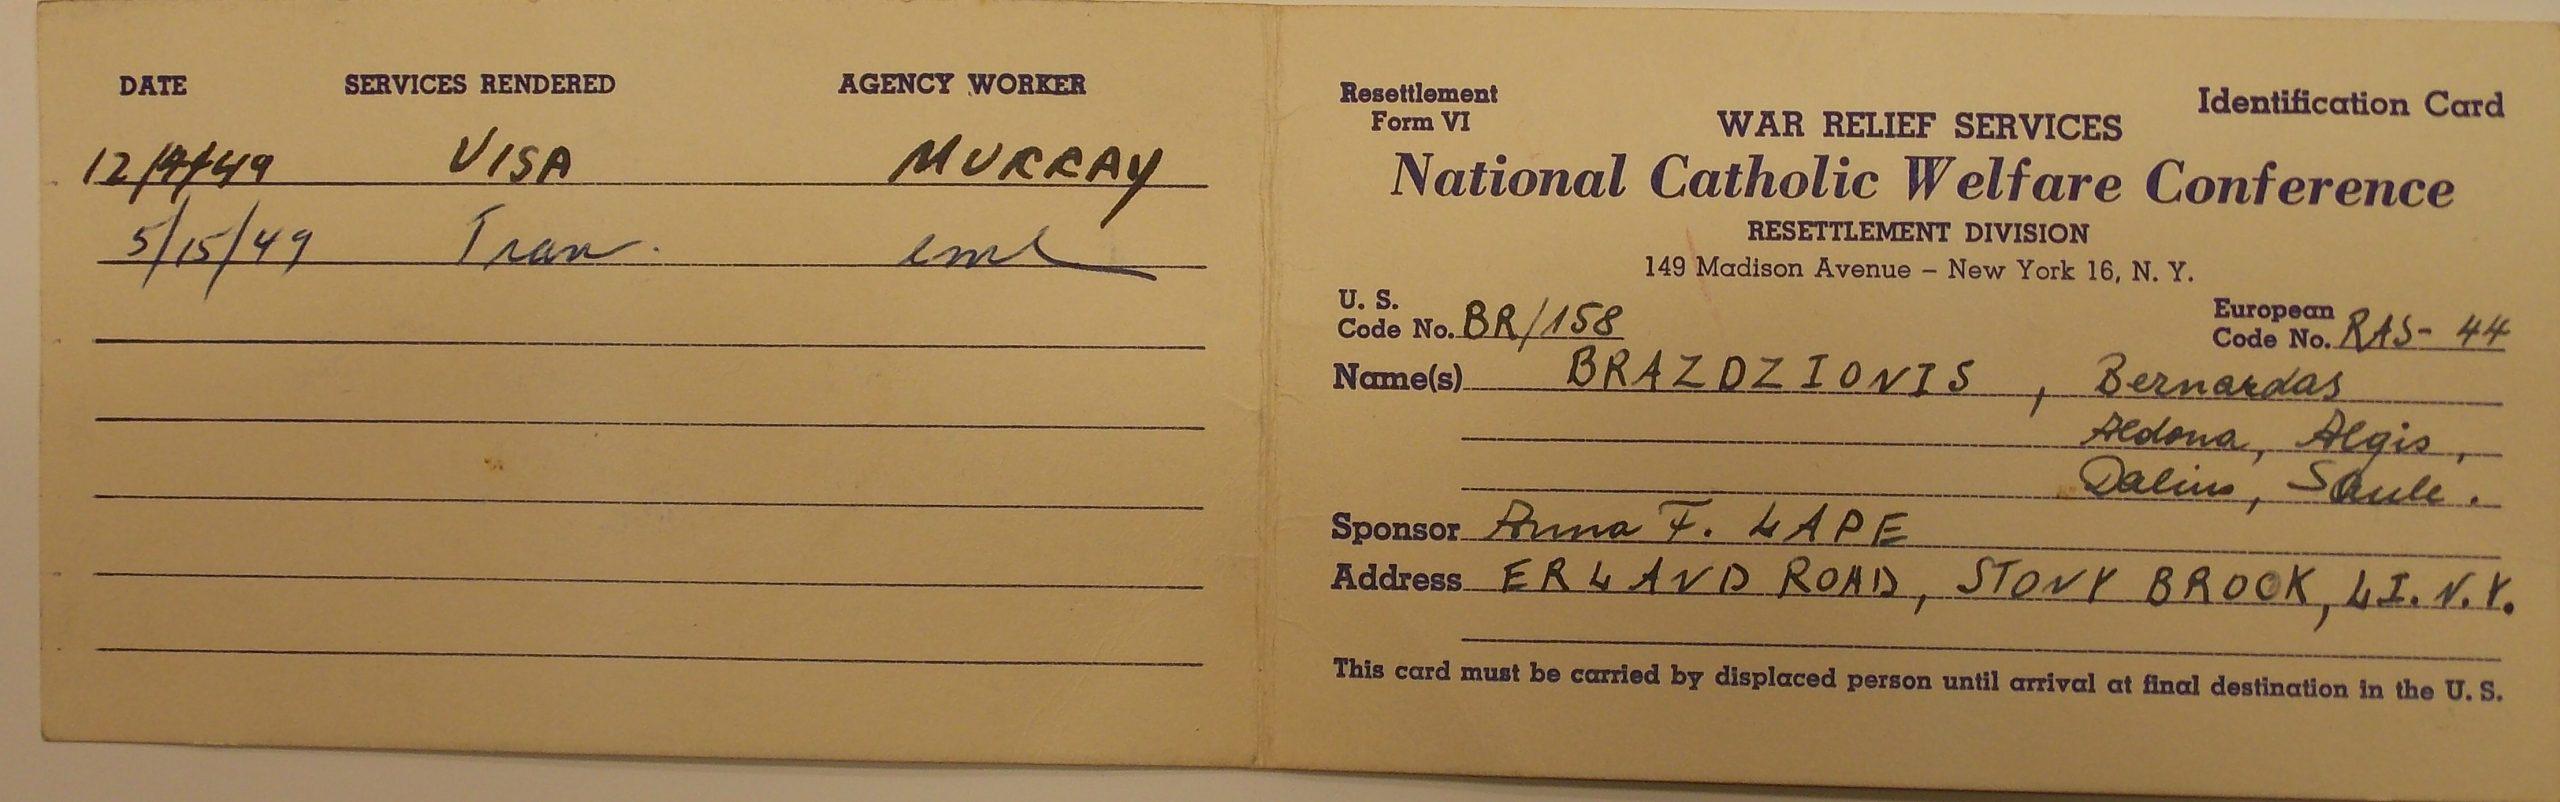 Nacionalinės katalikų gerovės asociacijos karo pabėgėlių tarnybos perkėlimo skyriaus identifikacinė kortelė, išduota Brazdžionių šeimai 1949.4.12.